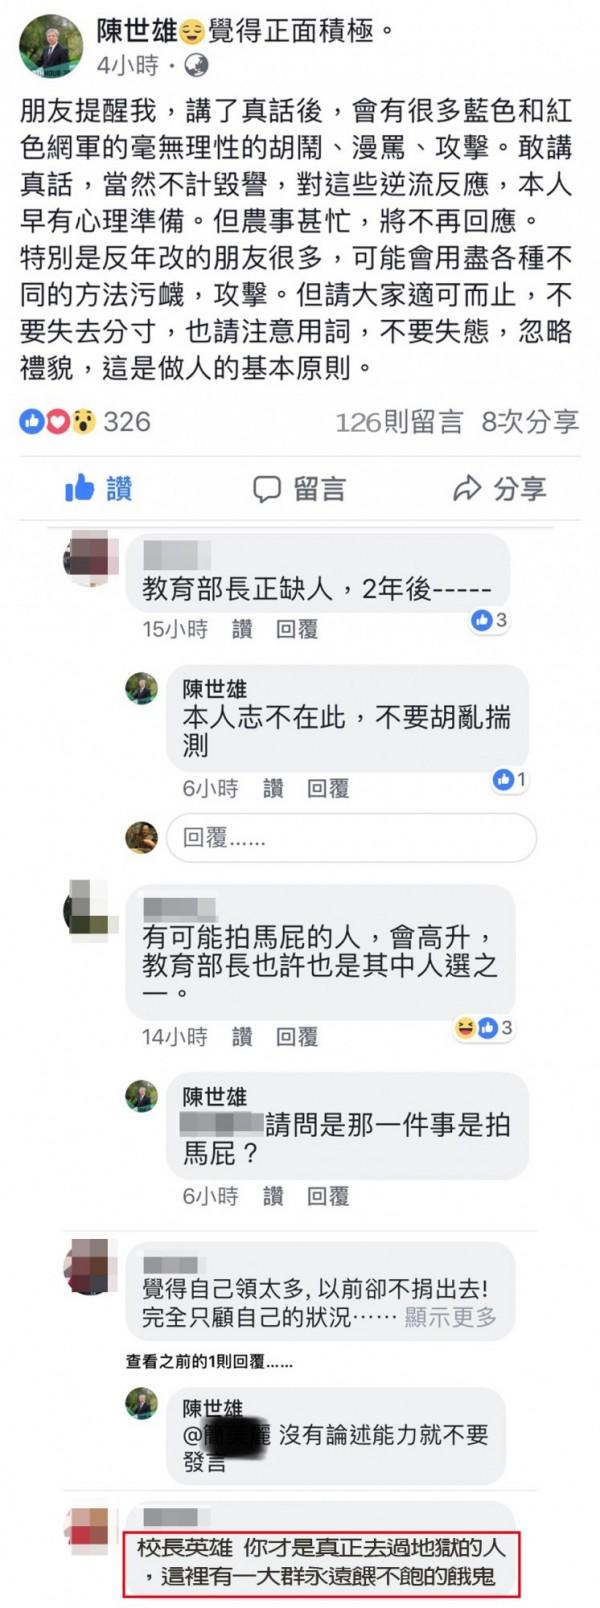 陳世雄臉書慘被圍剿,學生讚他是英雄,真正到過地獄。(記者顏宏駿翻攝)